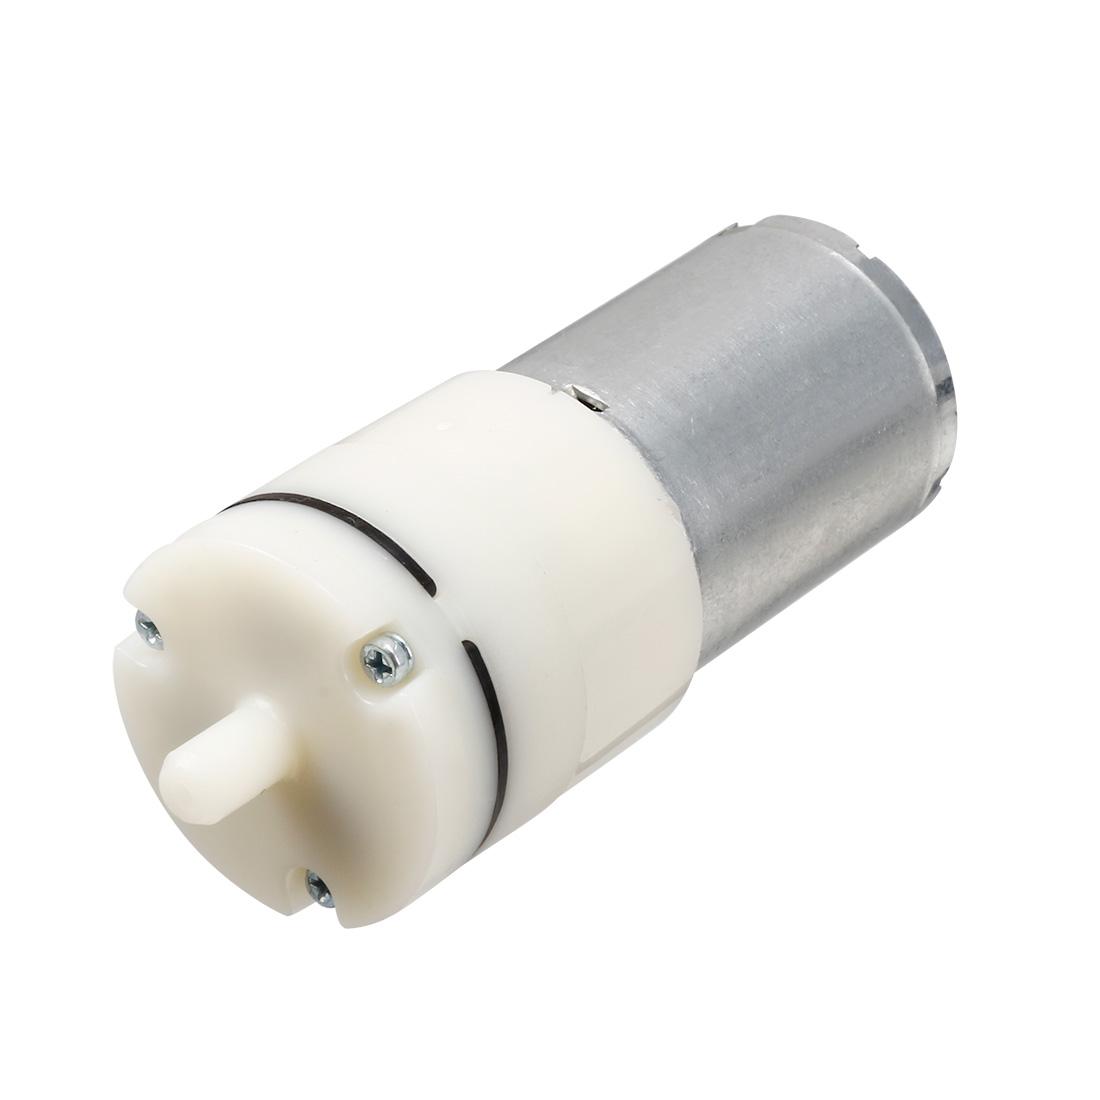 DC 6V Metal Mini Air Pump Motor for Aquarium Tank Oxygen Circulate